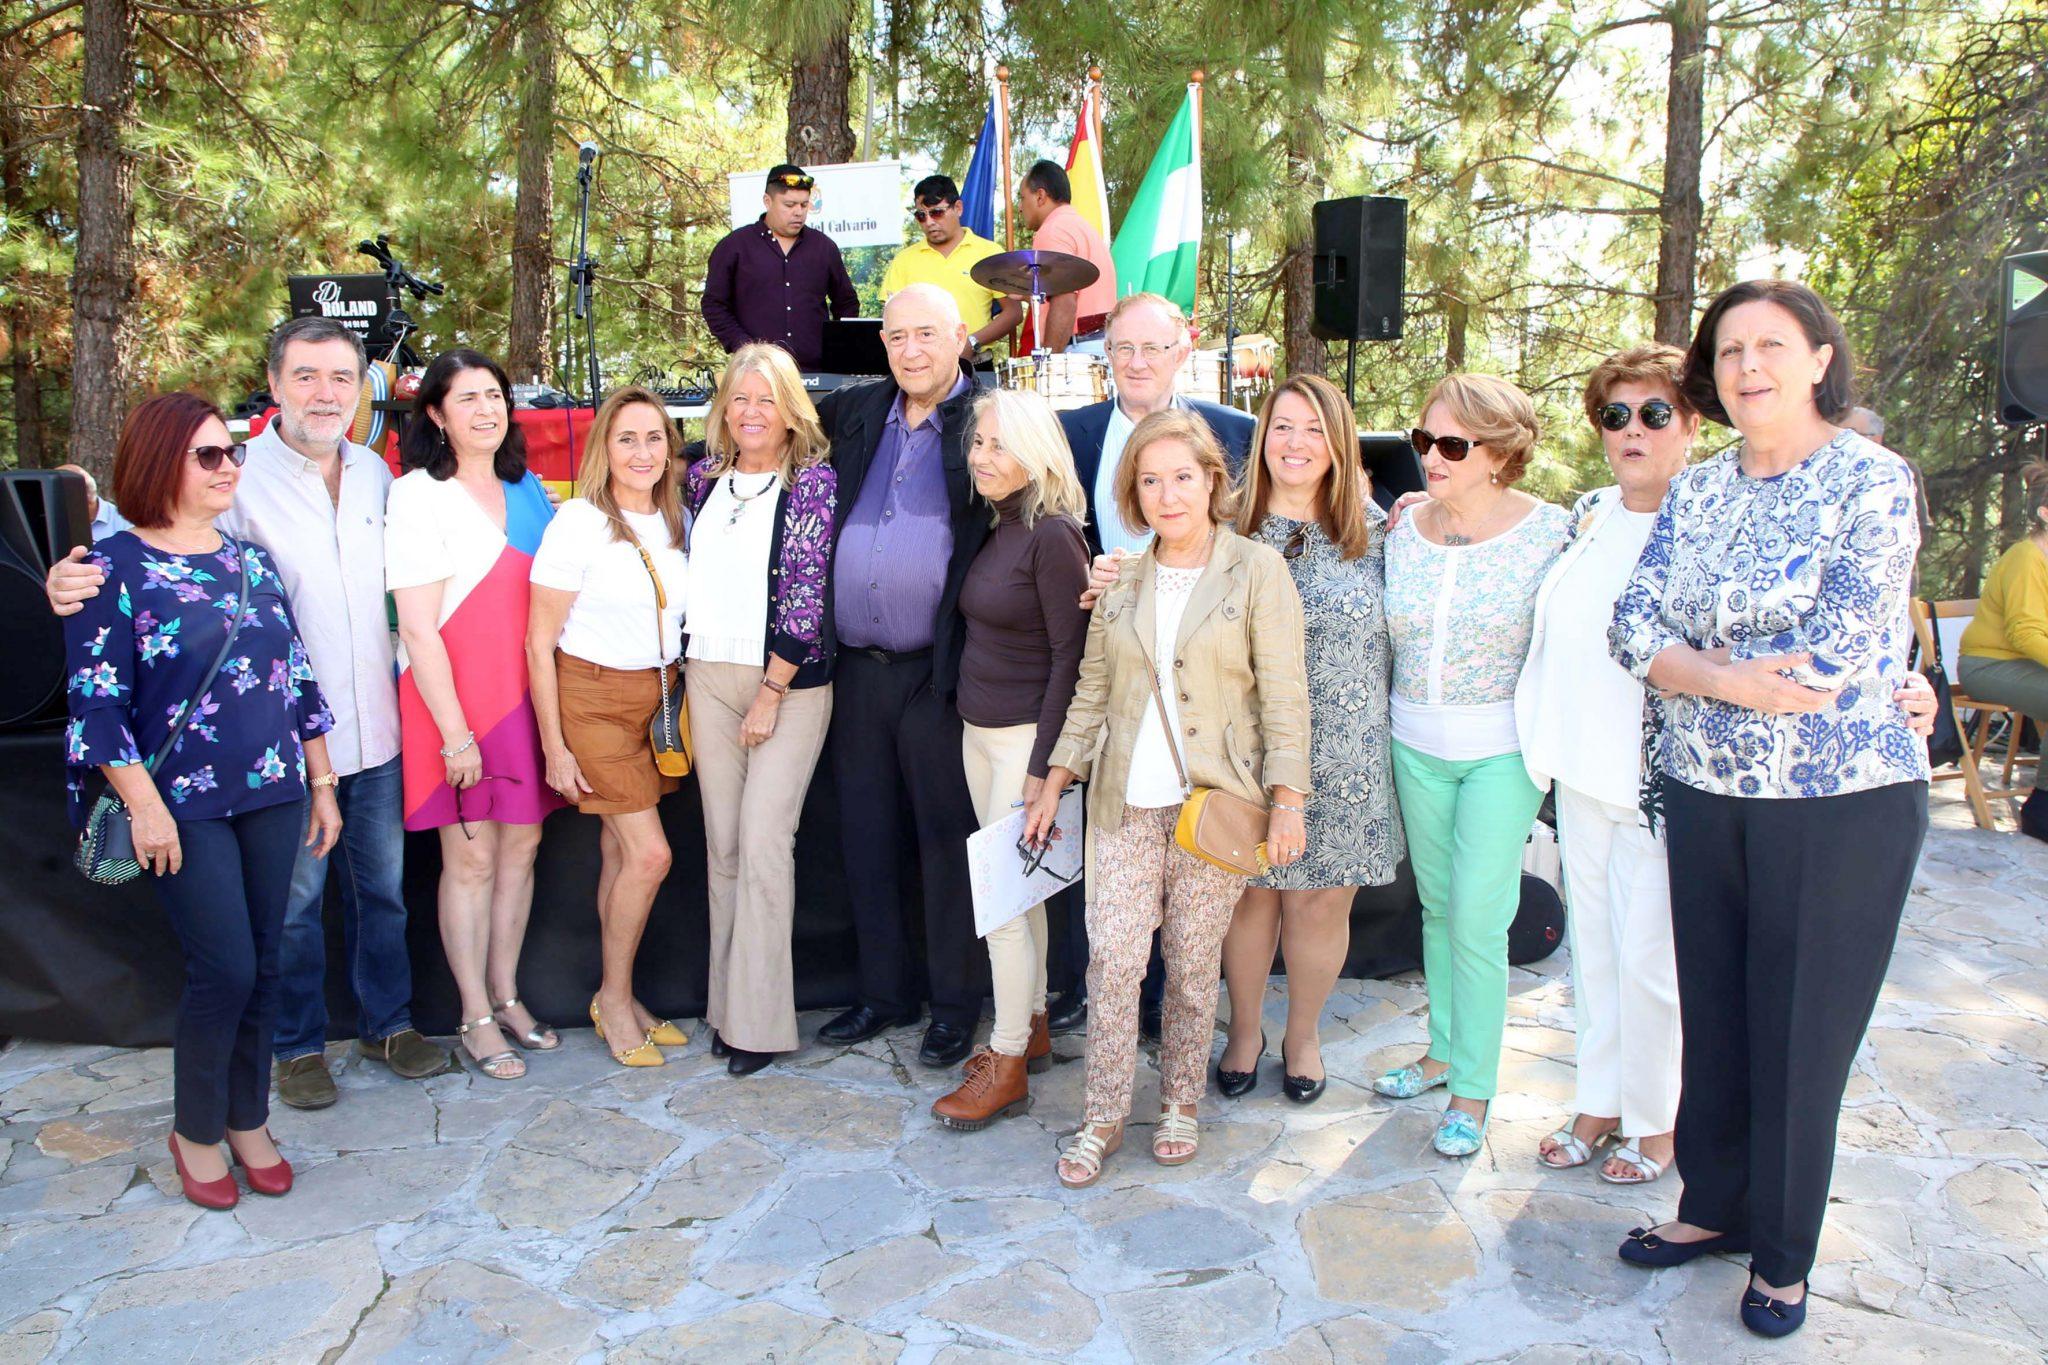 Homenaje al ginecólogo Freddy Simon por su labor profesional en Marbella